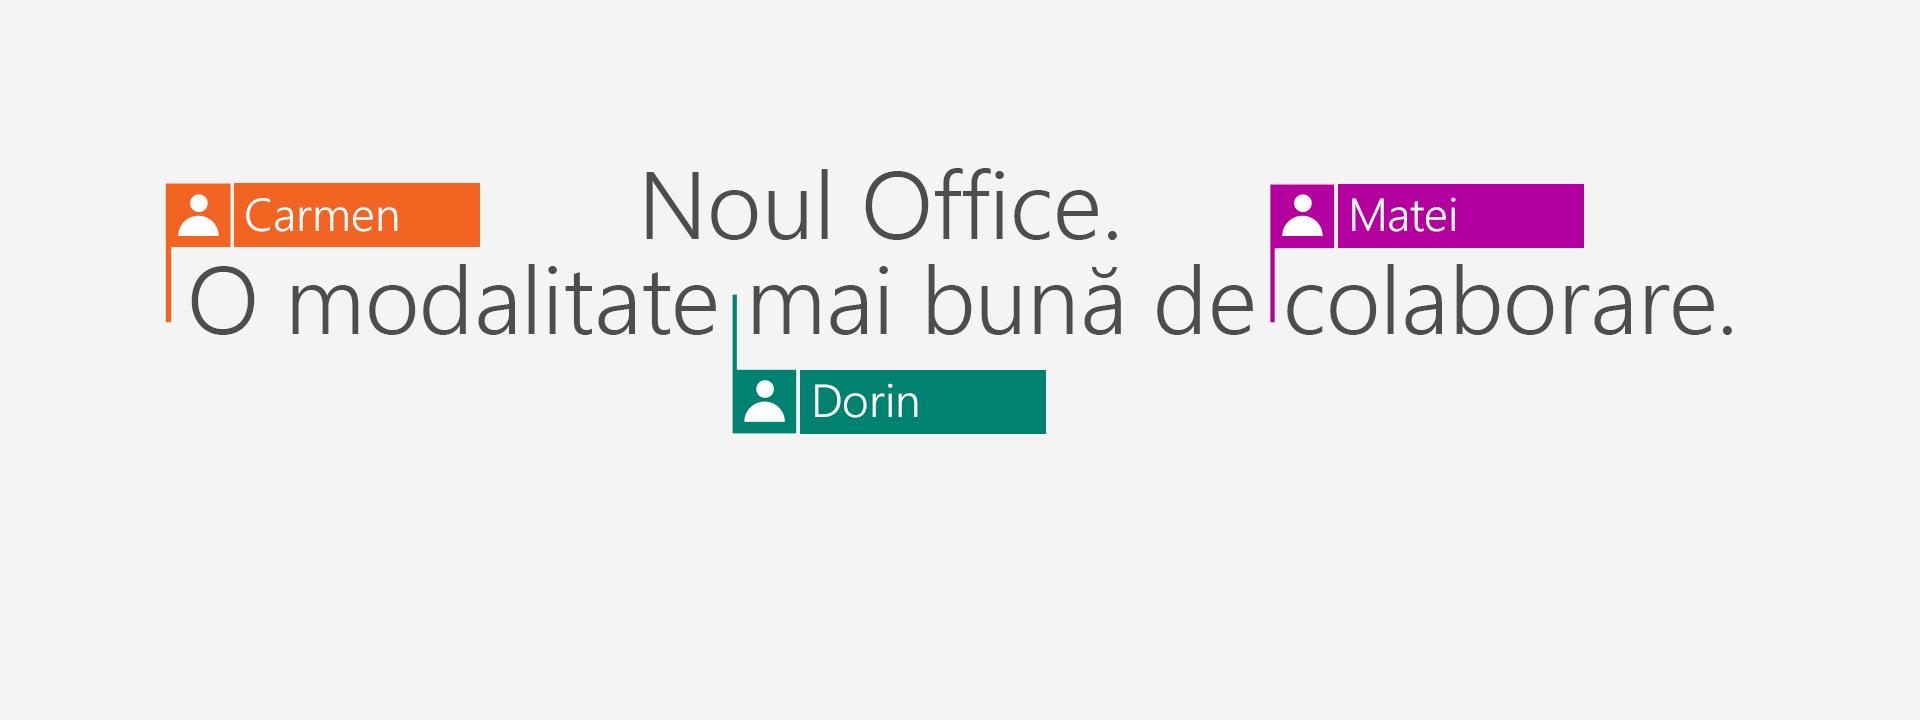 Cumpărați Office 365 pentru a obține aplicațiile noi din 2016